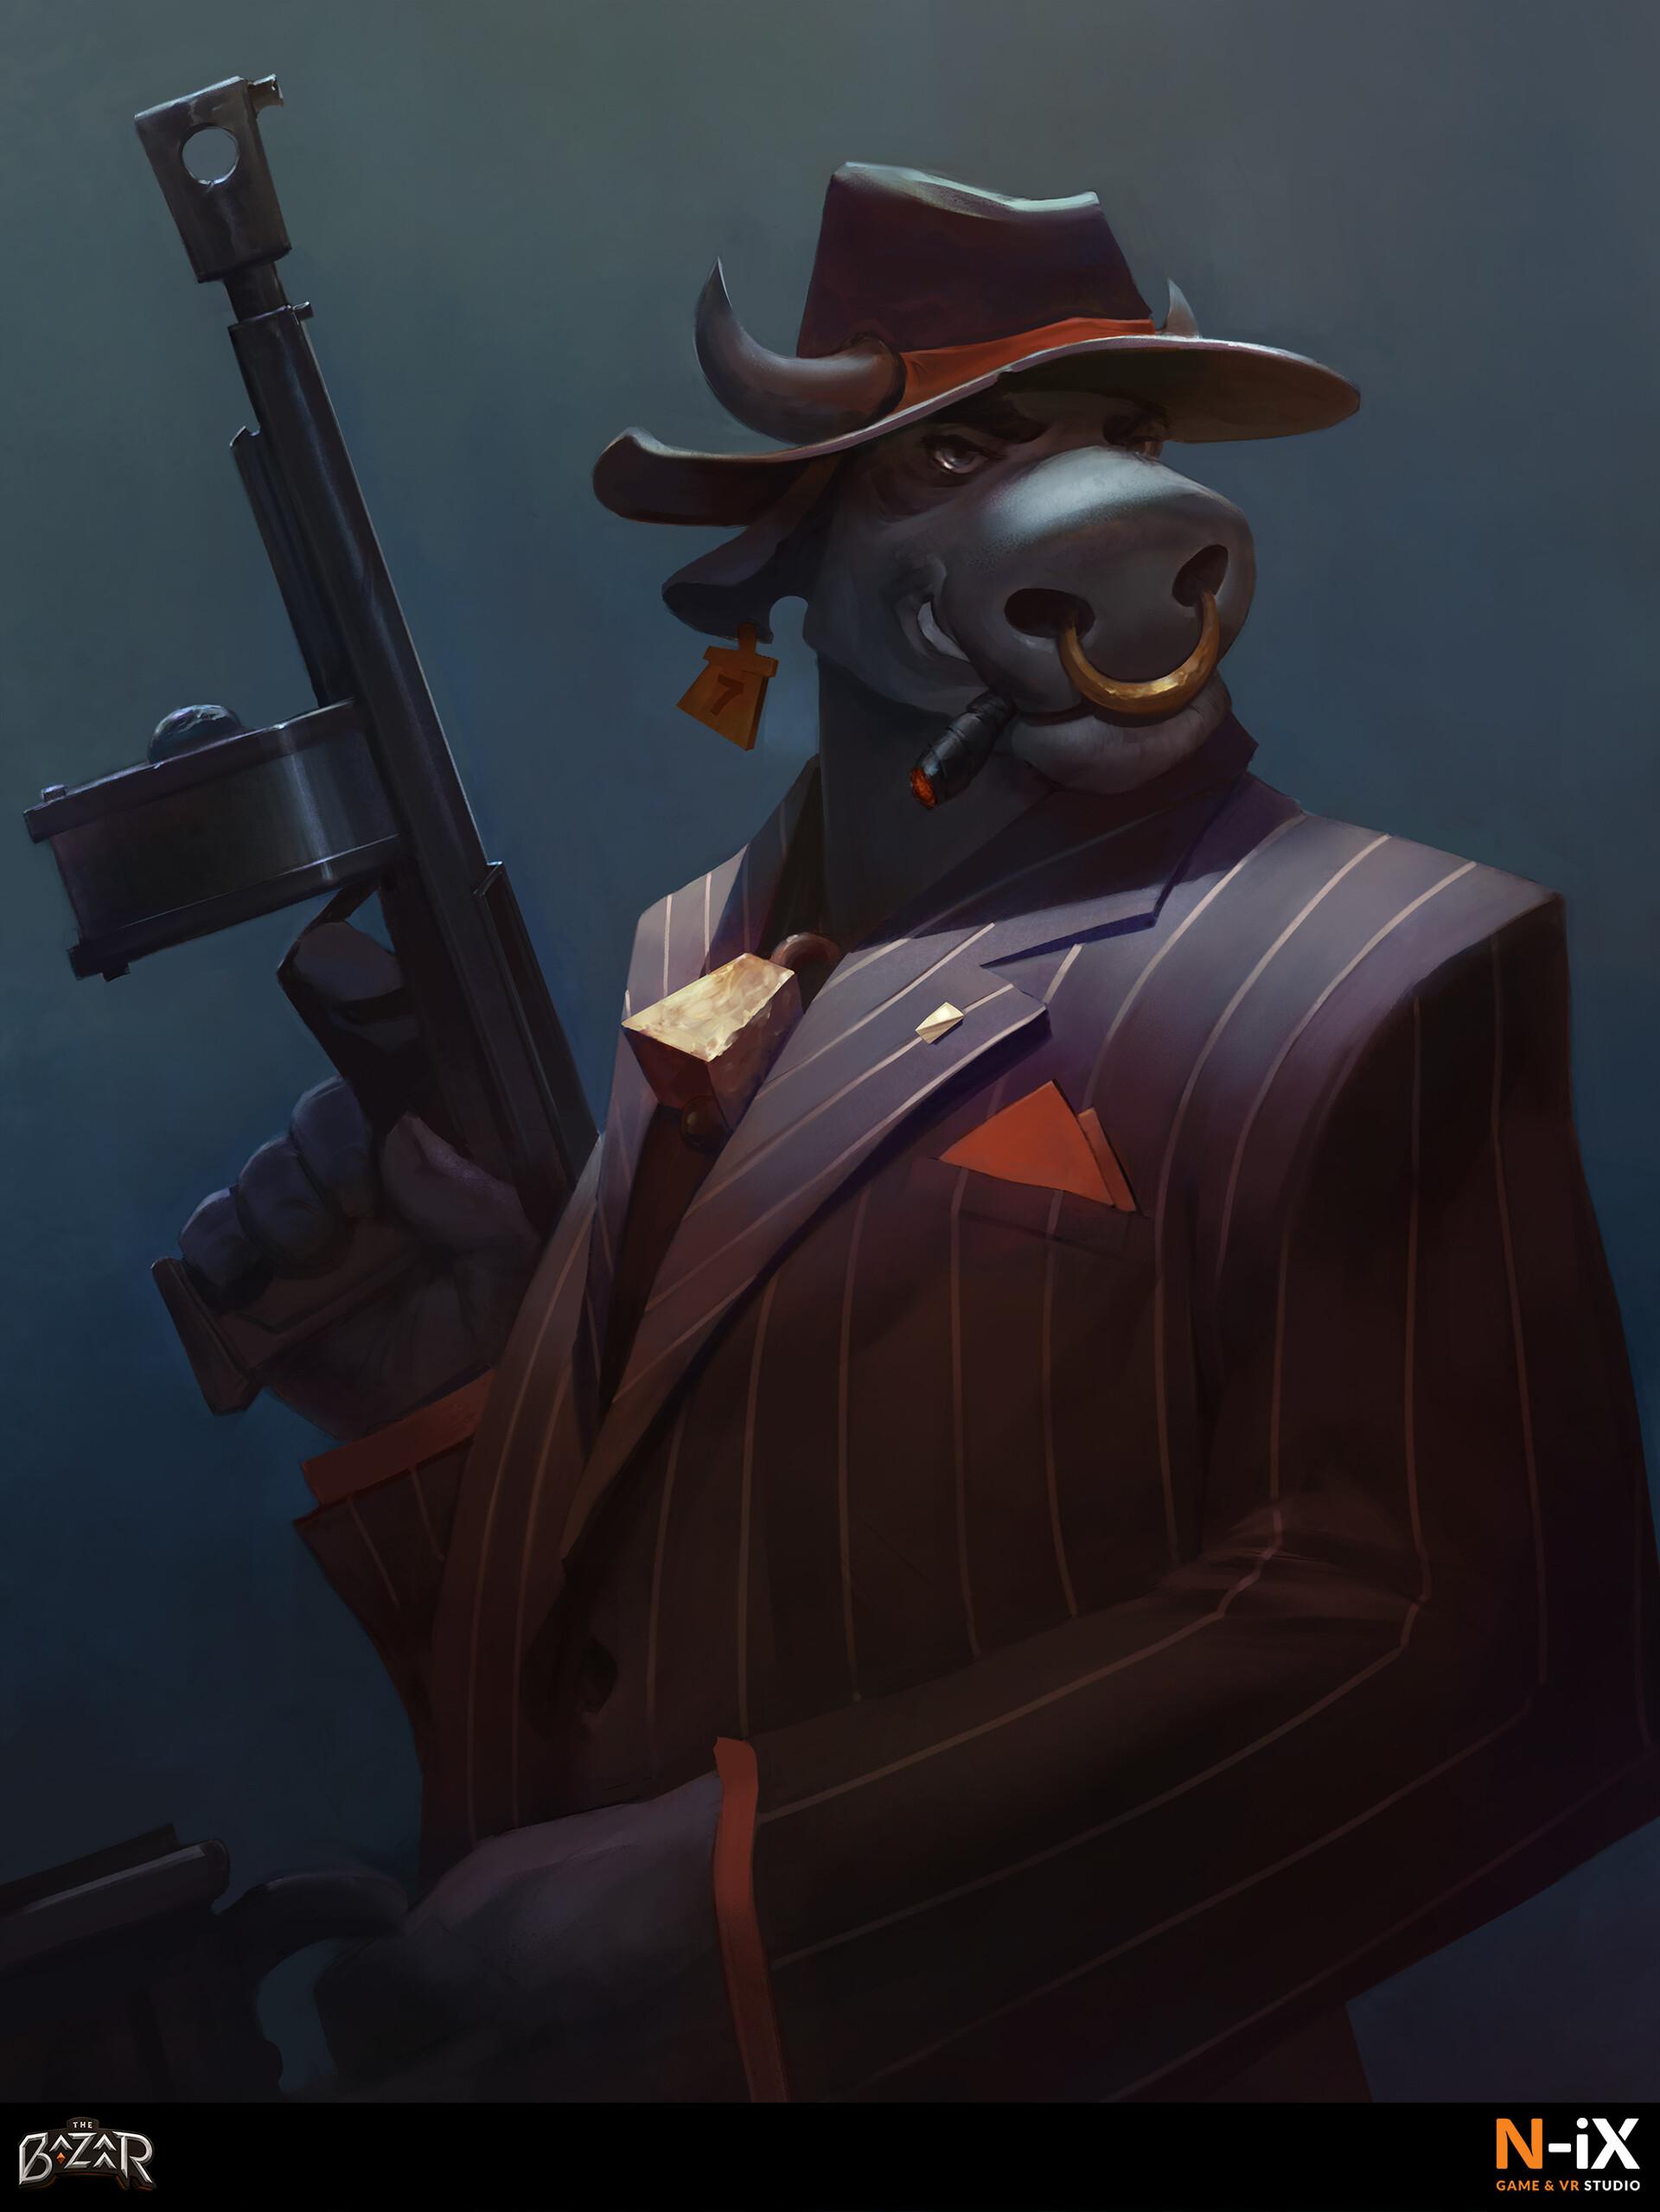 The Bazaar Gangster bull card artwork based on backers description